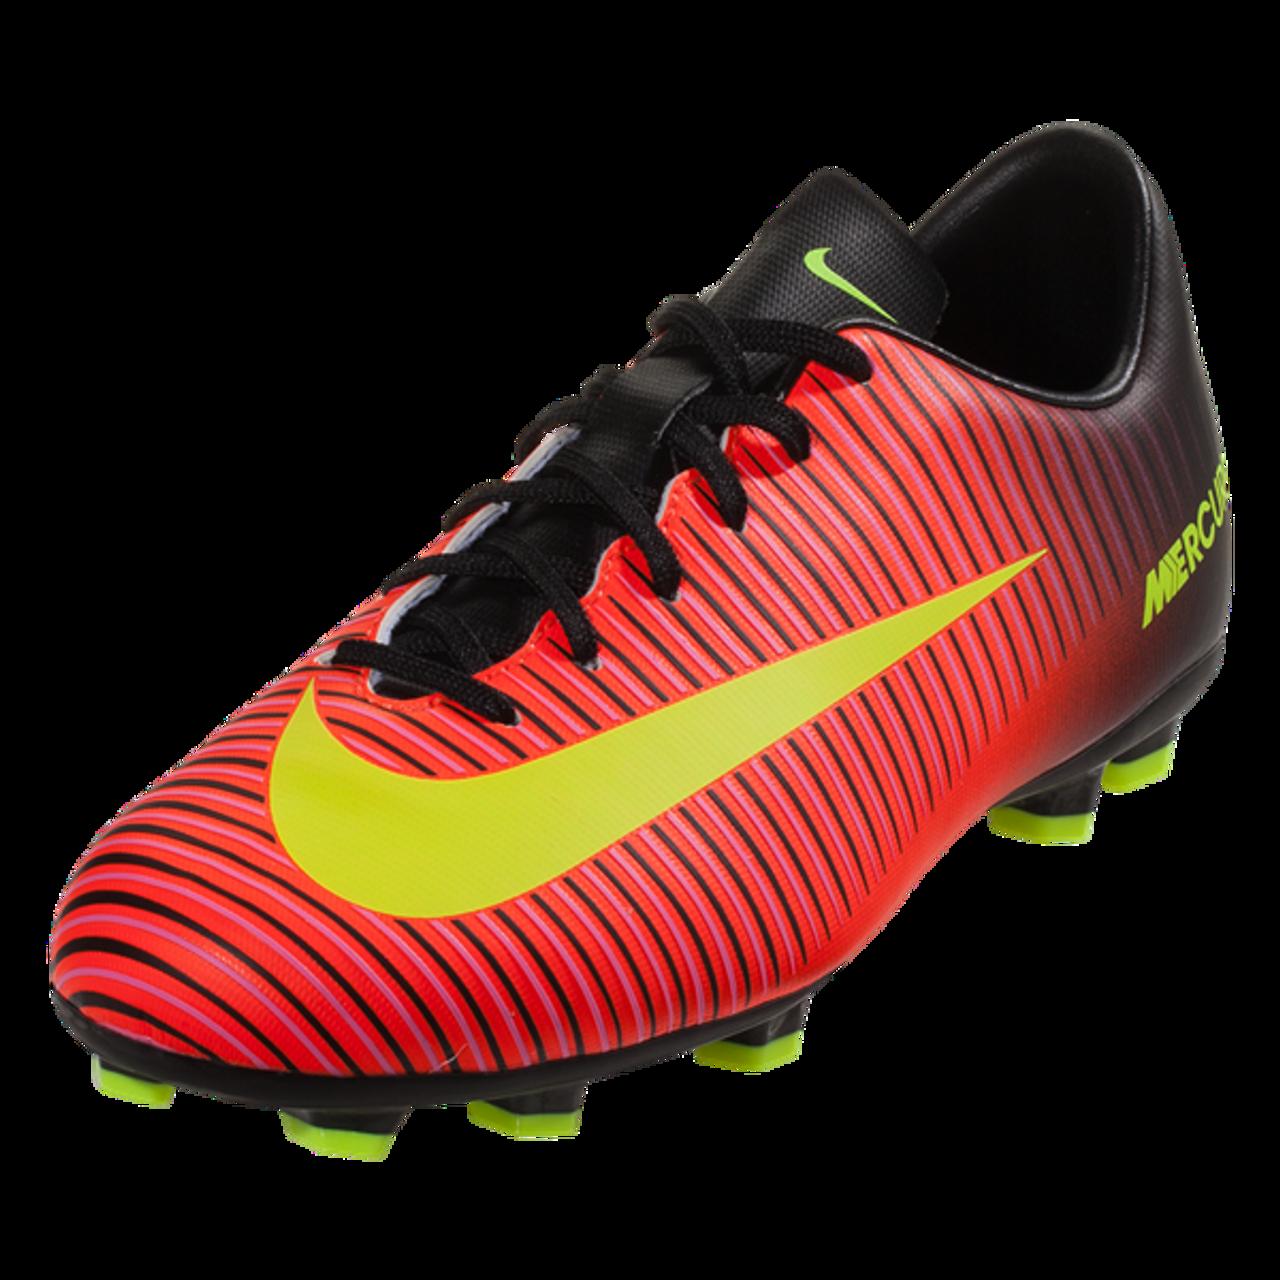 27f7d9e4ba96 Nike Jr Mercurial Vapor XI FG - Total Crimson Volt Black Pink Blast RC -  ohp soccer